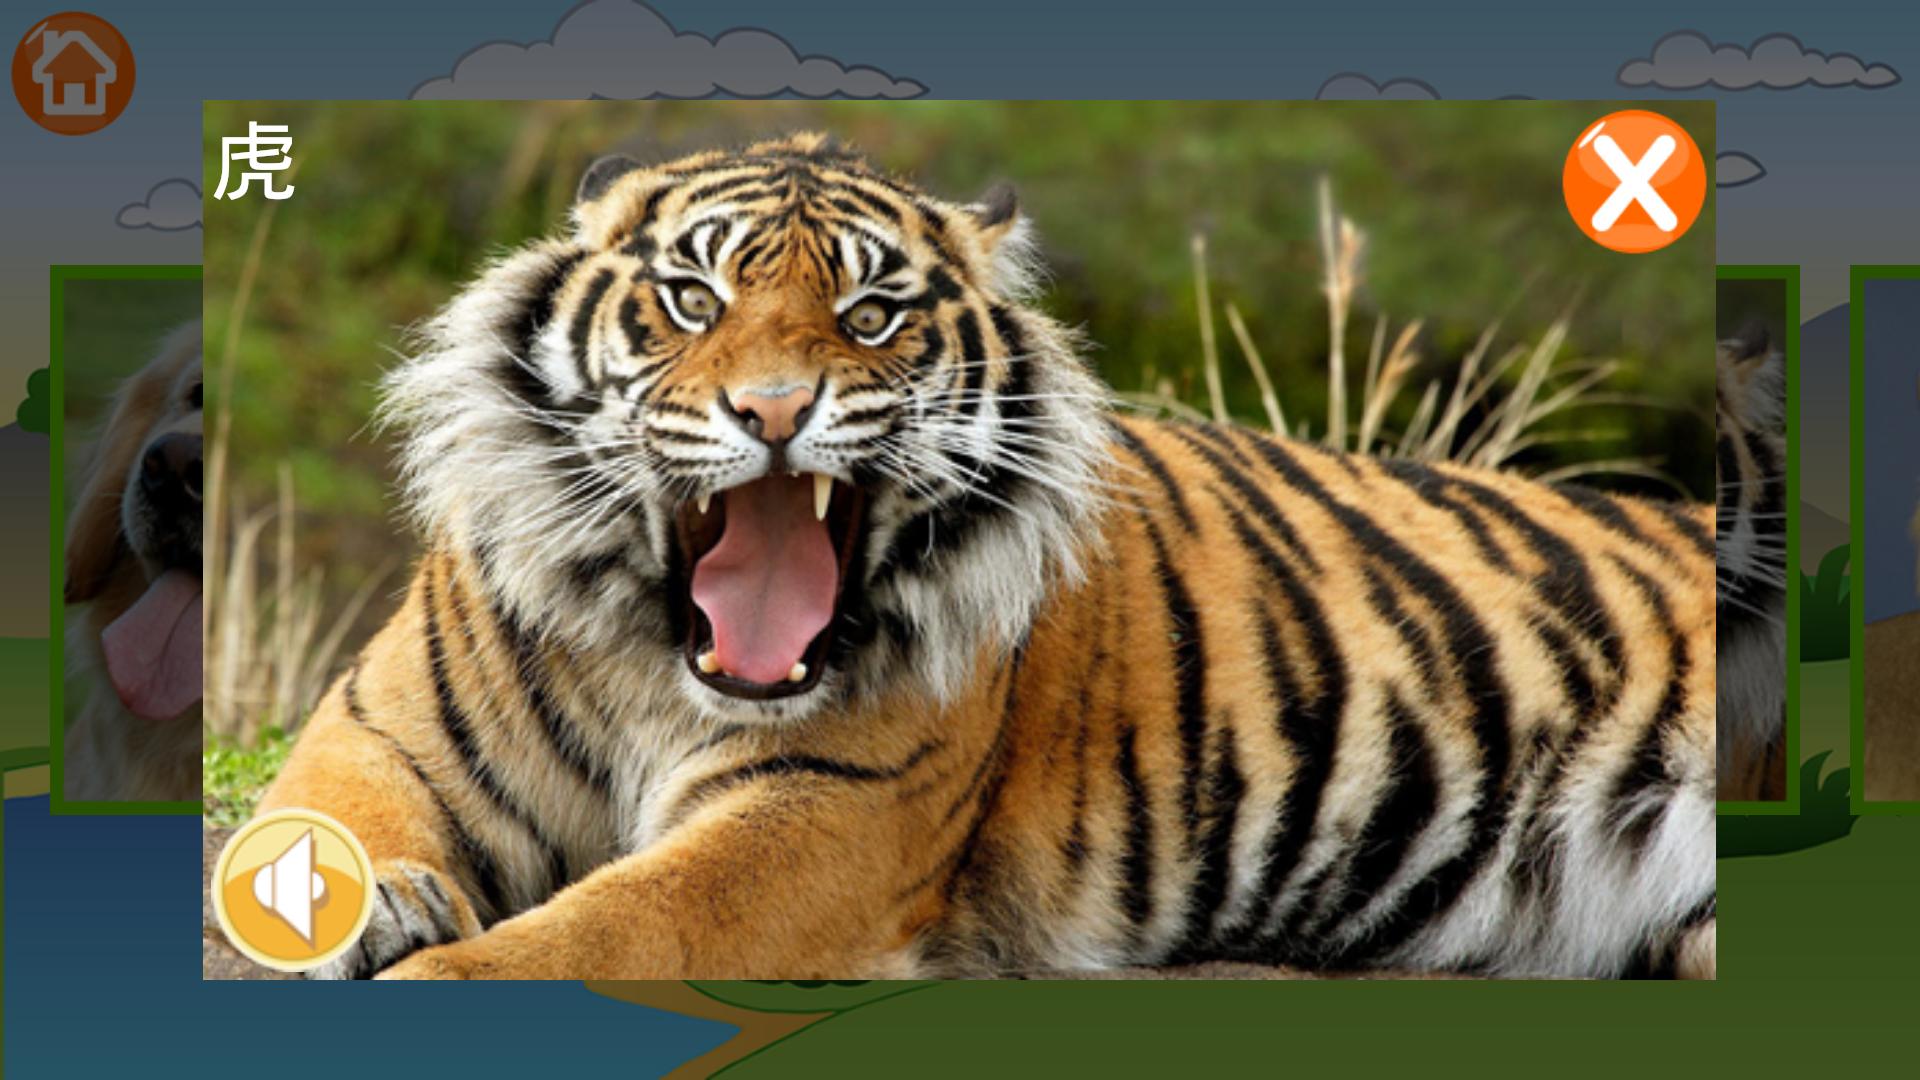 动物园收录了33种世界各地的动物和中文发音,让宝宝喜欢上可爱的动物.